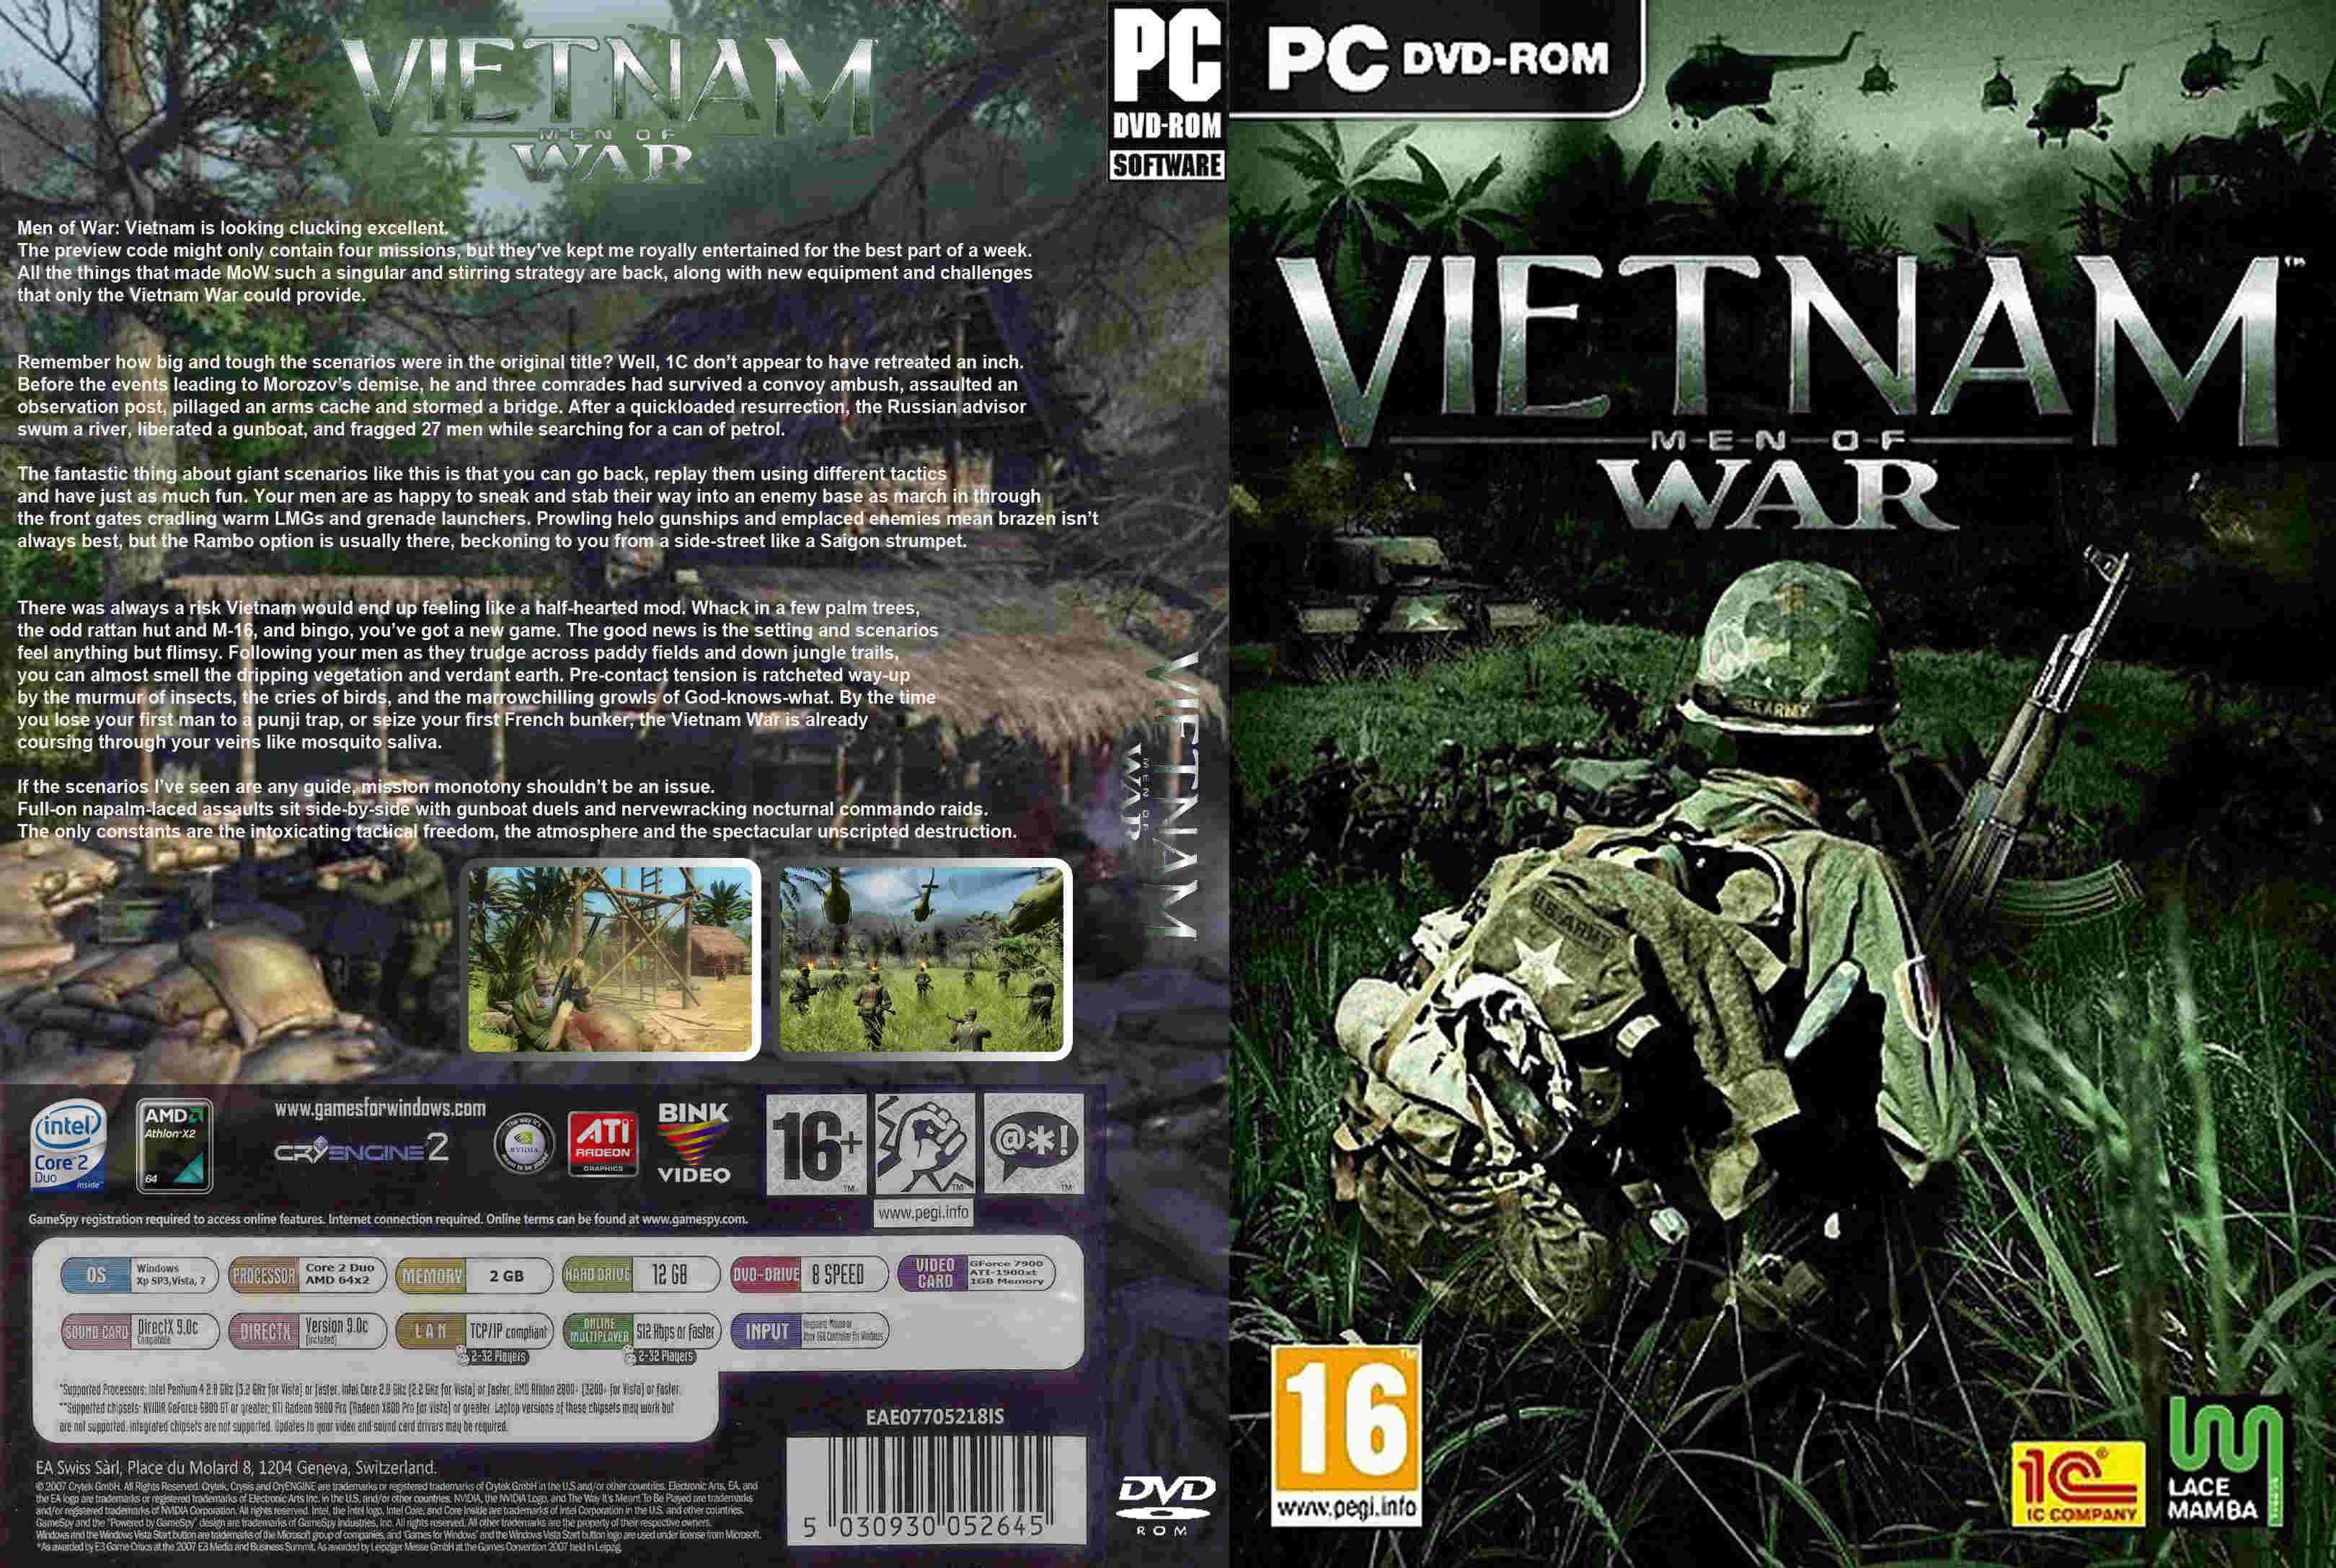 La guerra del Vietnam - Imperdibles + info